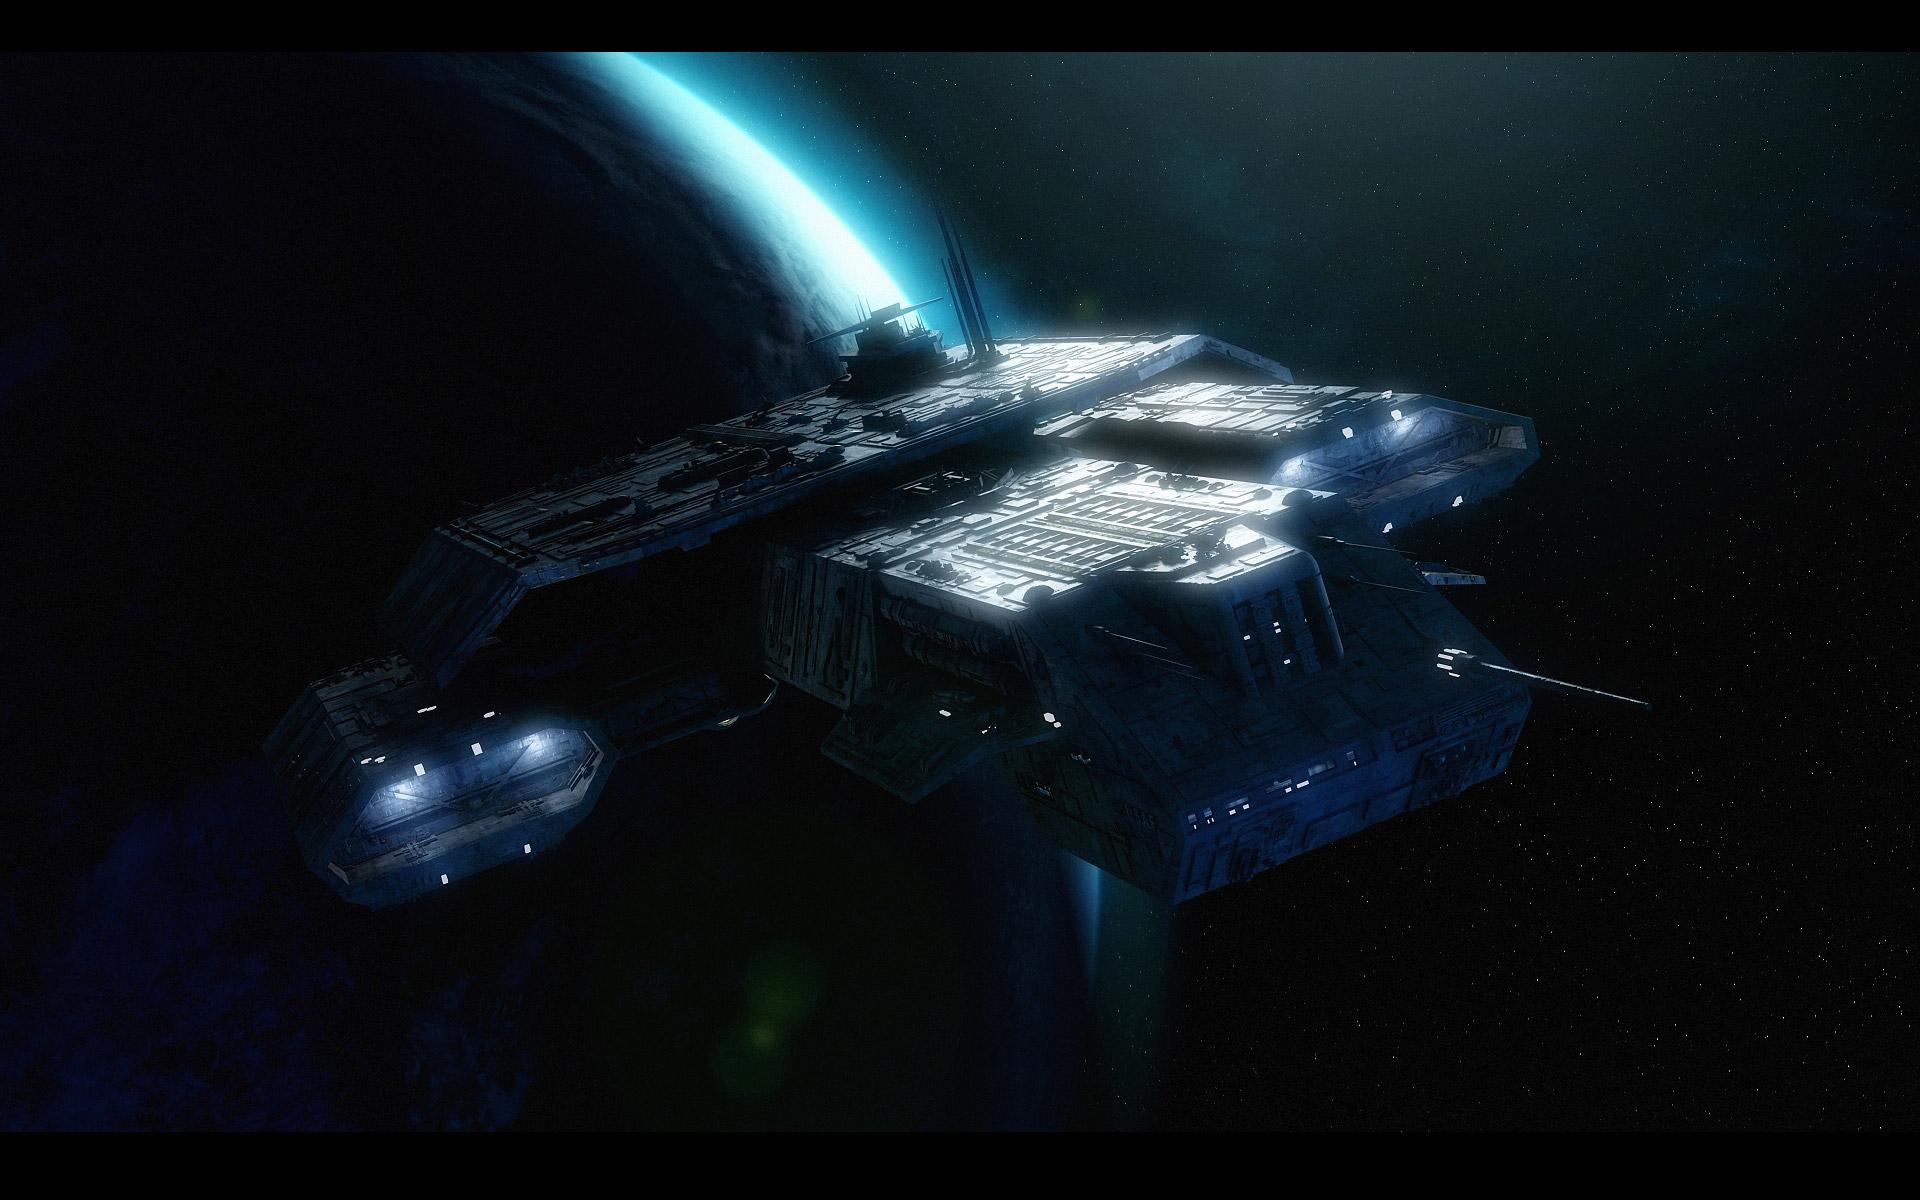 prometheus spacecraft stargate - photo #7